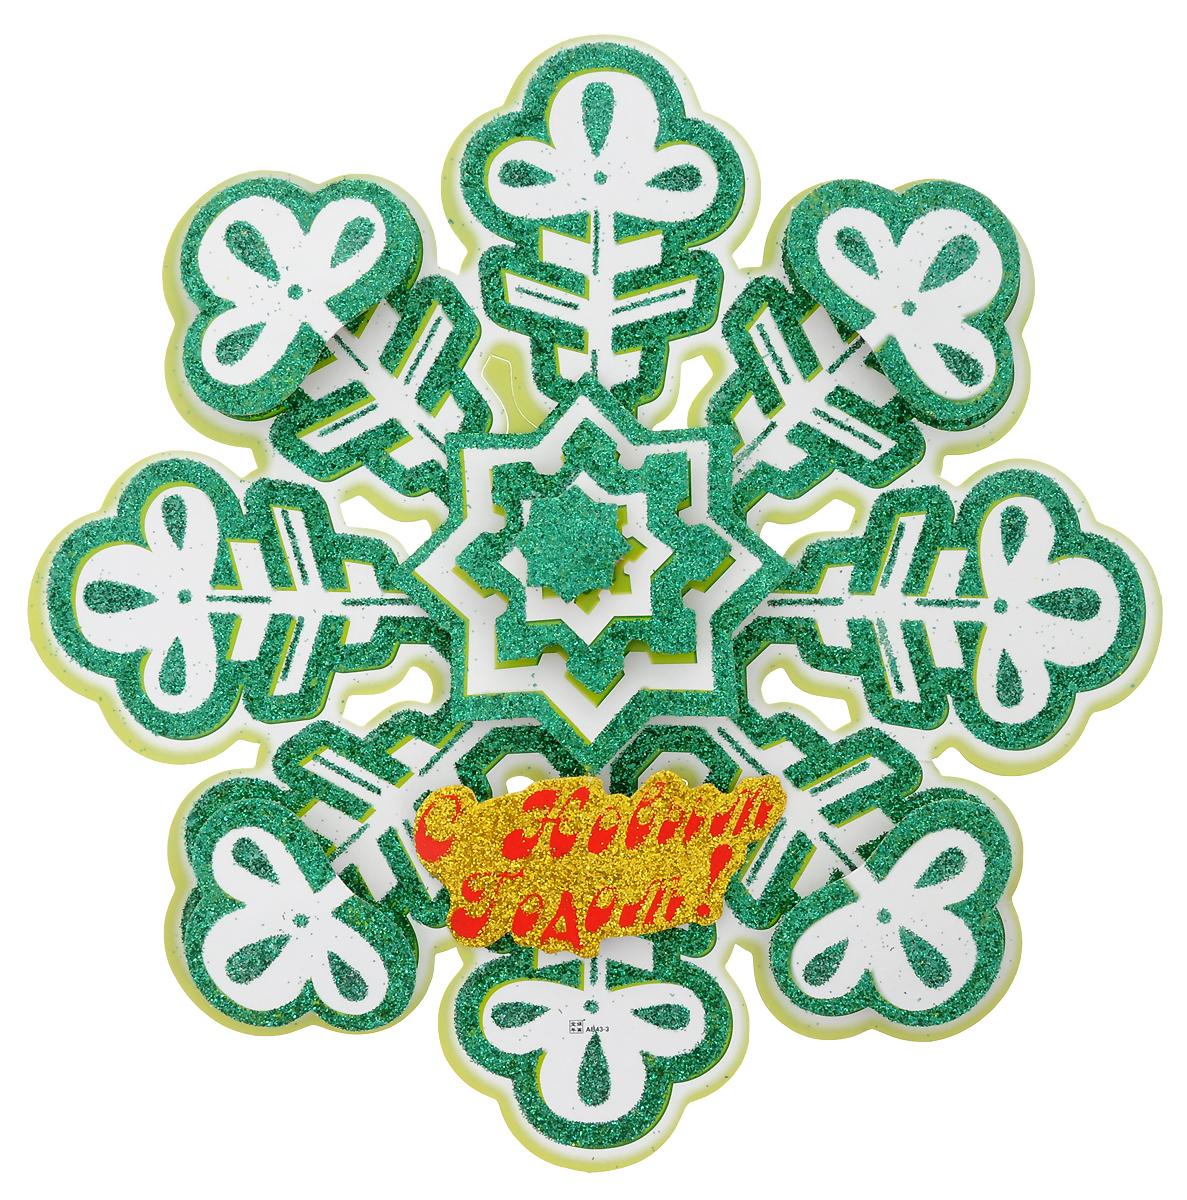 Украшение новогоднее настенное Winter Wings Снежинка, цвет: зеленый, белый, диаметр 30 см, 2 штN09105_зеленый, белыйНастенное украшение Winter Wings Снежинка отличноподойдет для праздничного декора дома в преддверии Новогогода. Изделие выполнено из картона в виде снежинки,дополнено объемными элементами и блестками. Крепится кстене при помощи двухсторонних стикеров. В комплекте 2украшения. Вы можете прикрепить их в любое понравившеесявам место, на стены, стекла и зеркала.Новогодние украшения несут в себе волшебство и красотупраздника. Они помогут вам украсить дом к предстоящимпраздникам и оживить интерьер по вашему вкусу. Создайте вдоме атмосферу тепла, веселья и радости, украшая его всейсемьей.